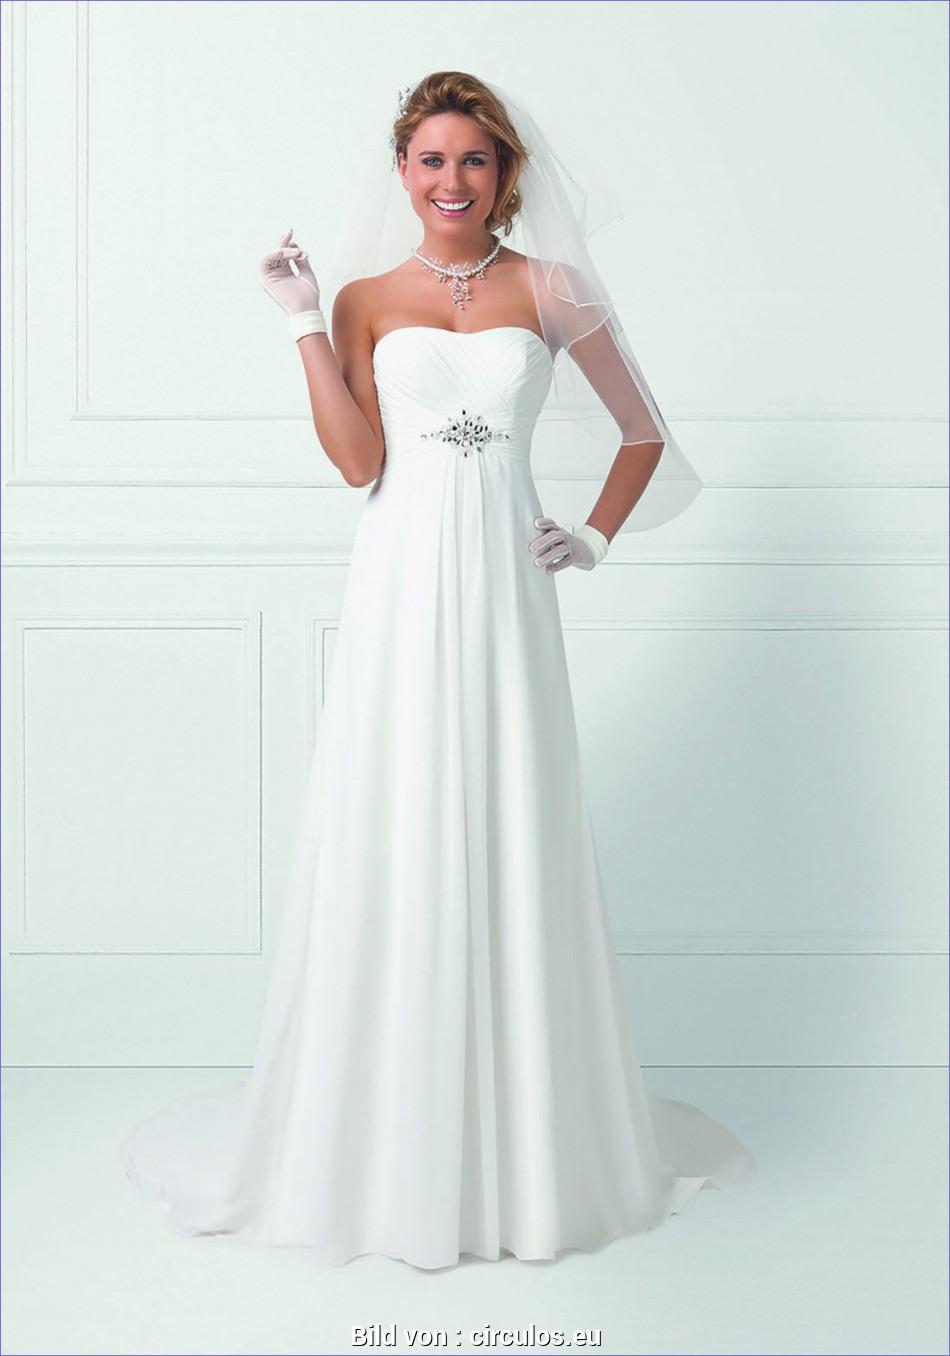 17 Schön Abendkleid Cunda Design10 Elegant Abendkleid Cunda Vertrieb